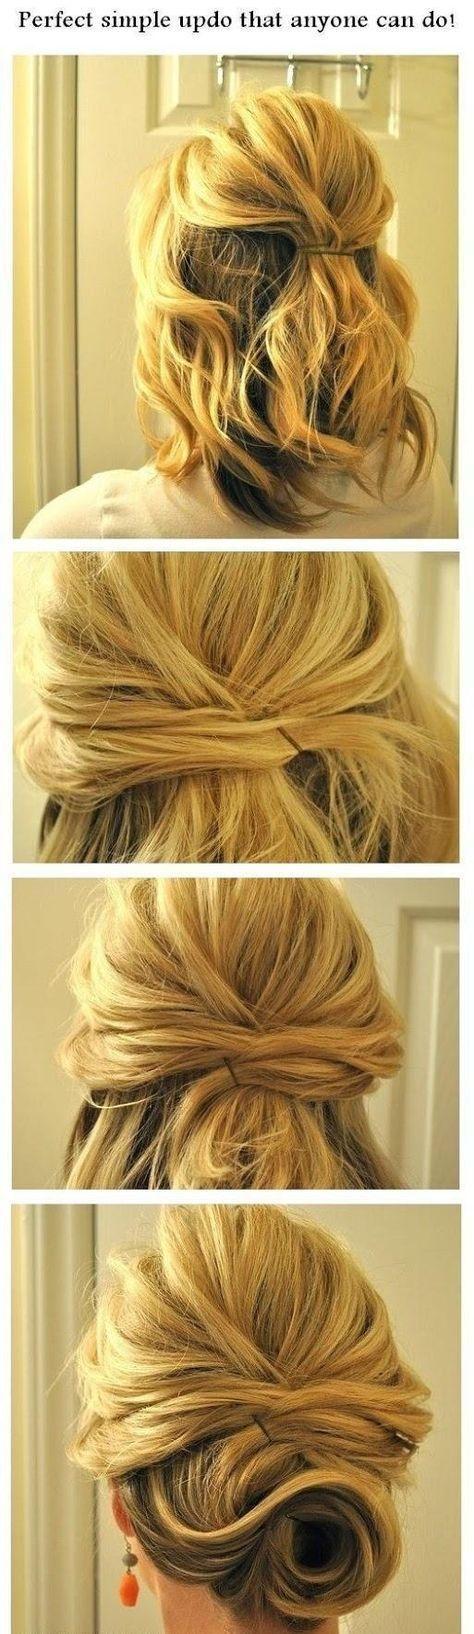 Wenn Du kurzes Haar hast, kannst Du auch Strähnen übereinander legen, um einen…